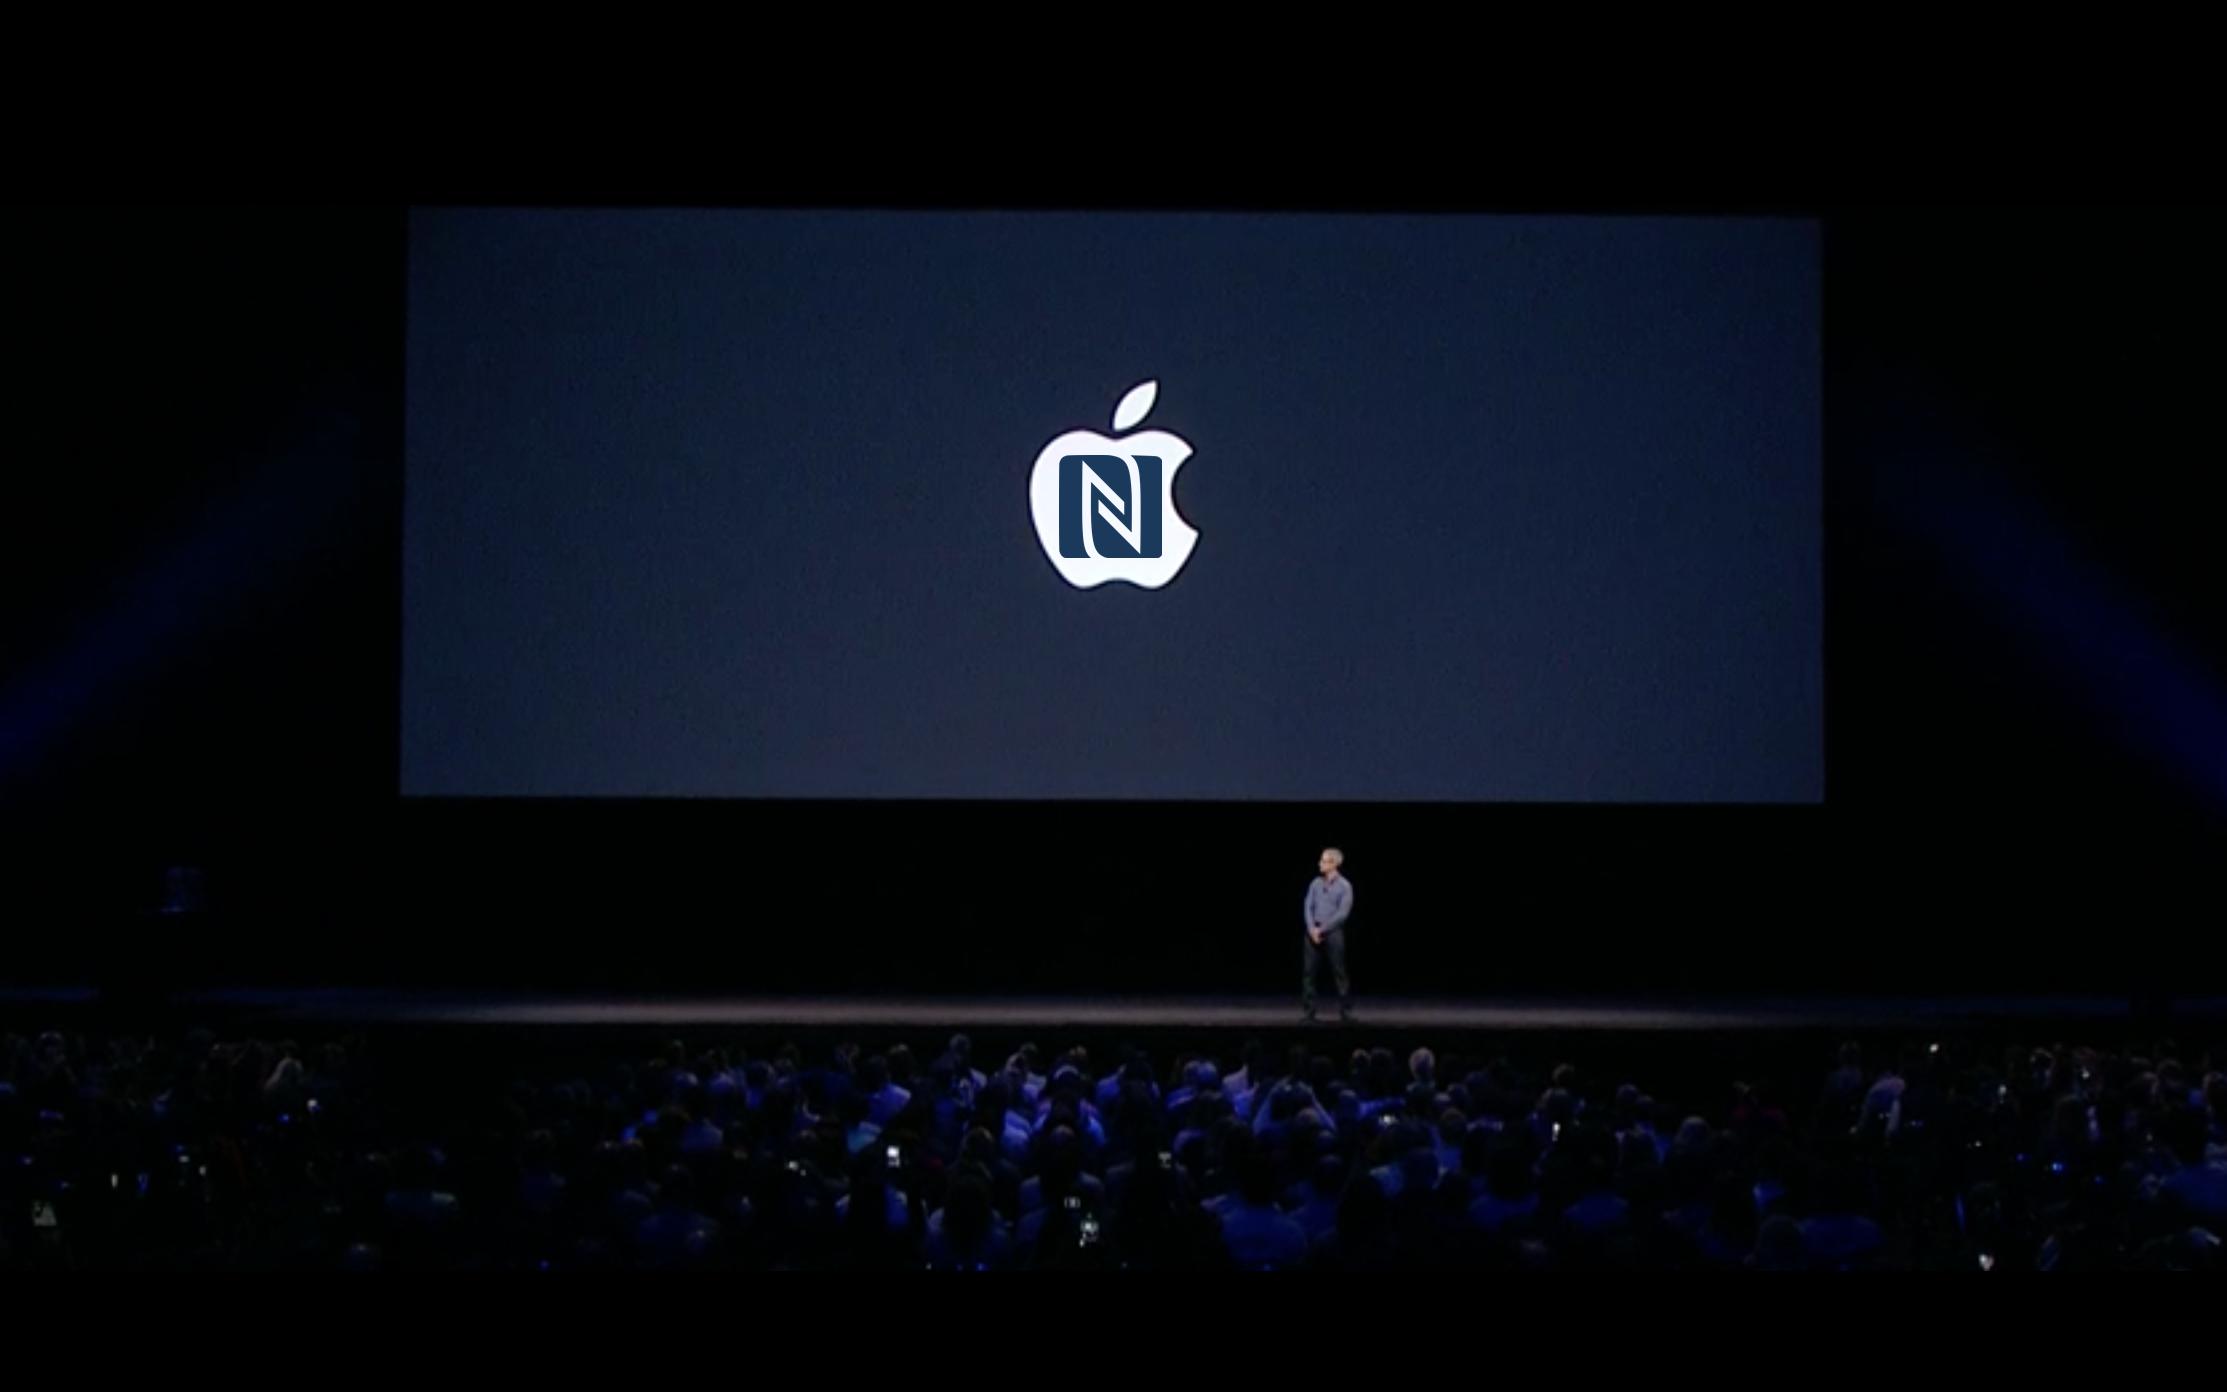 Aconteceu! Apple Rende-se ao NFC